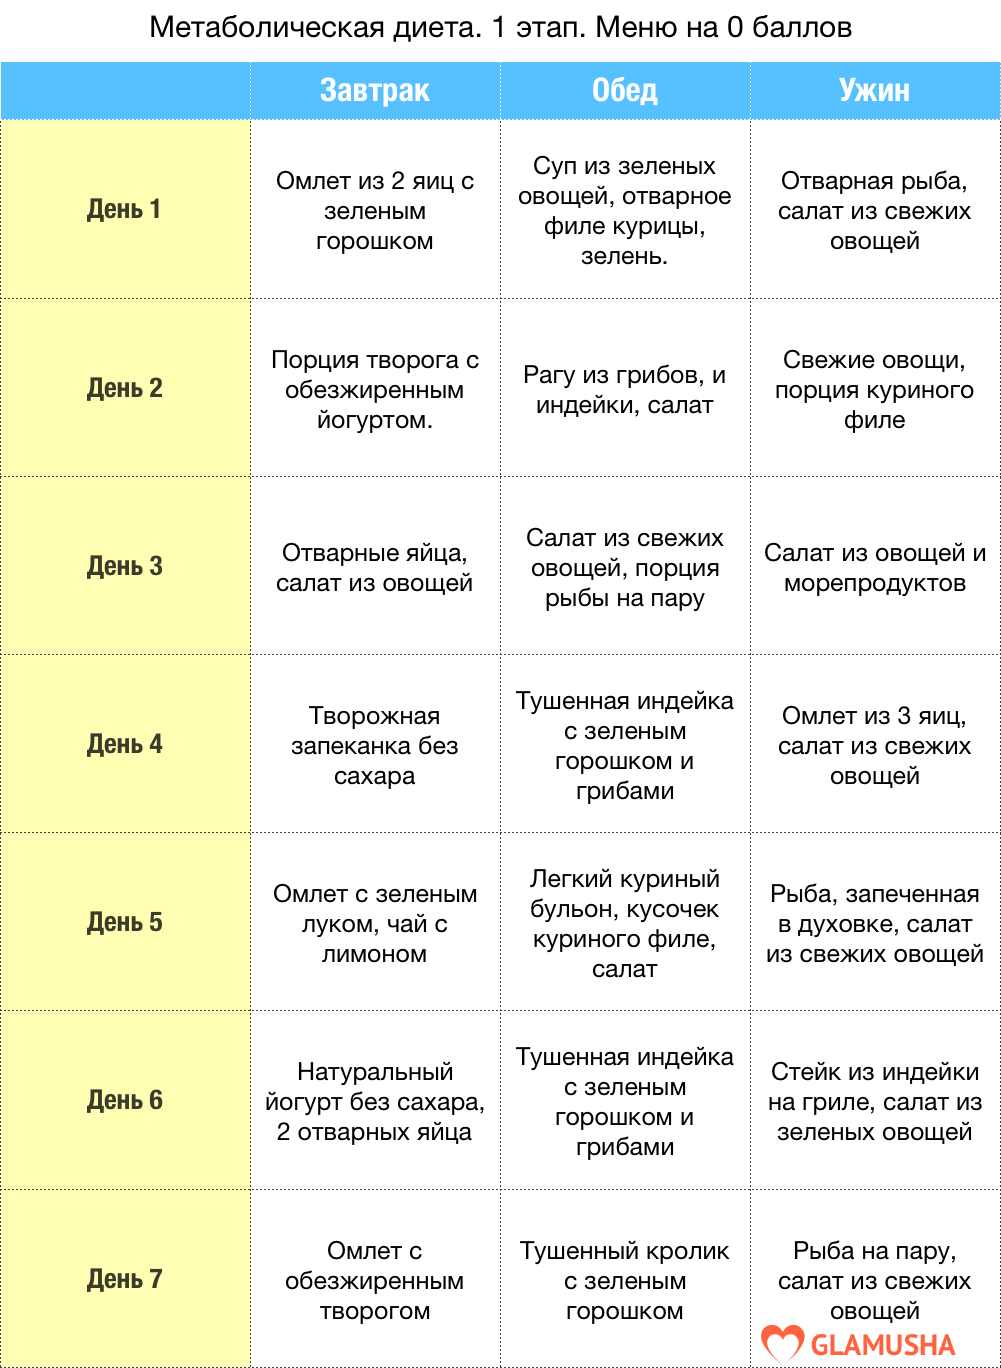 Диета монтиньяка меню на первый этап